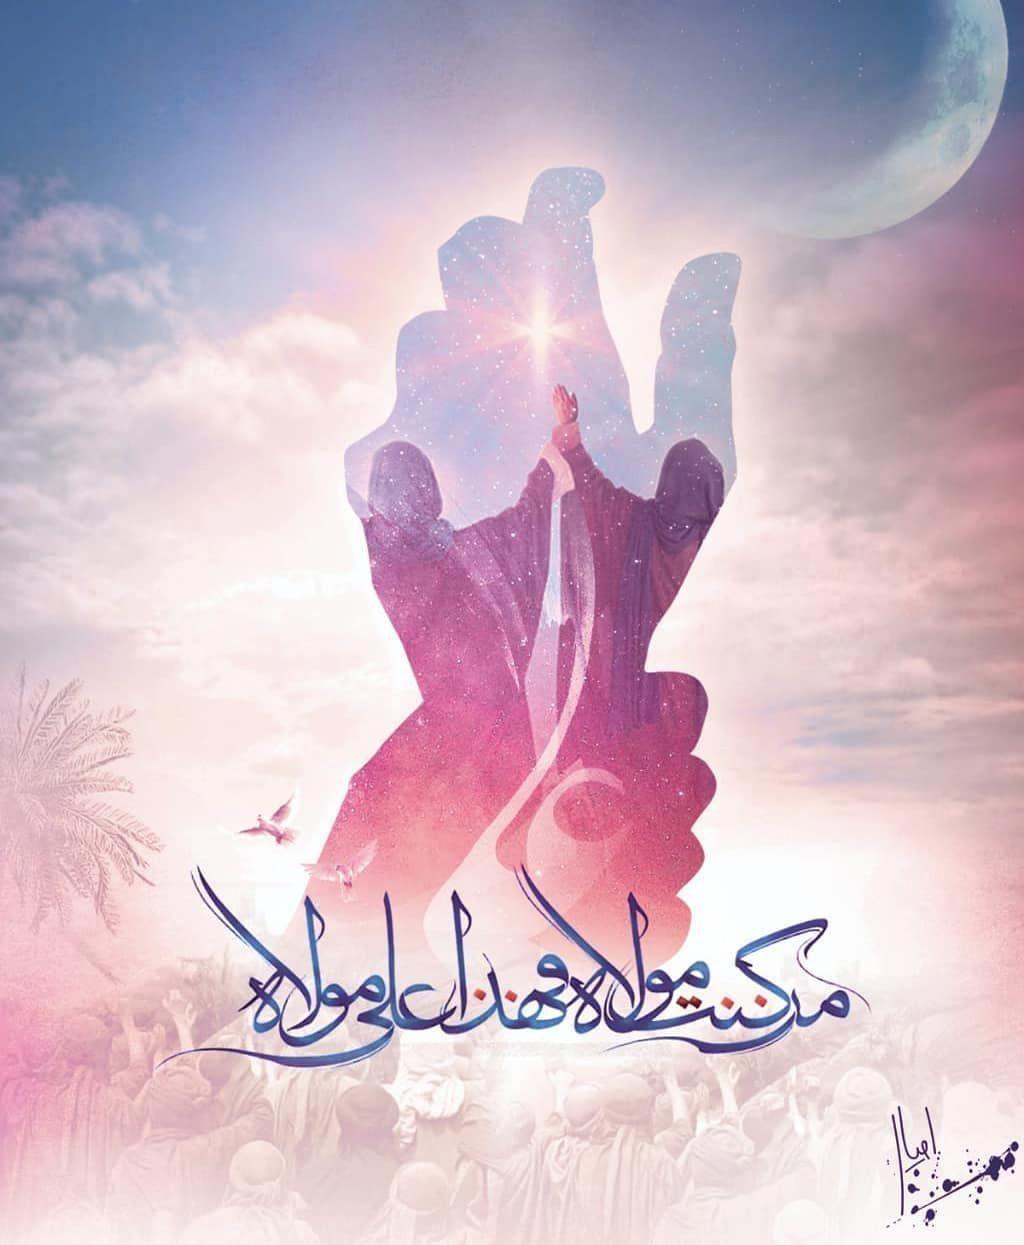 عـید غـدیـرروز اتمام نعمت و اکمال دین In 2020 Islamic Art Calligraphy Islamic Art Islamic Artwork